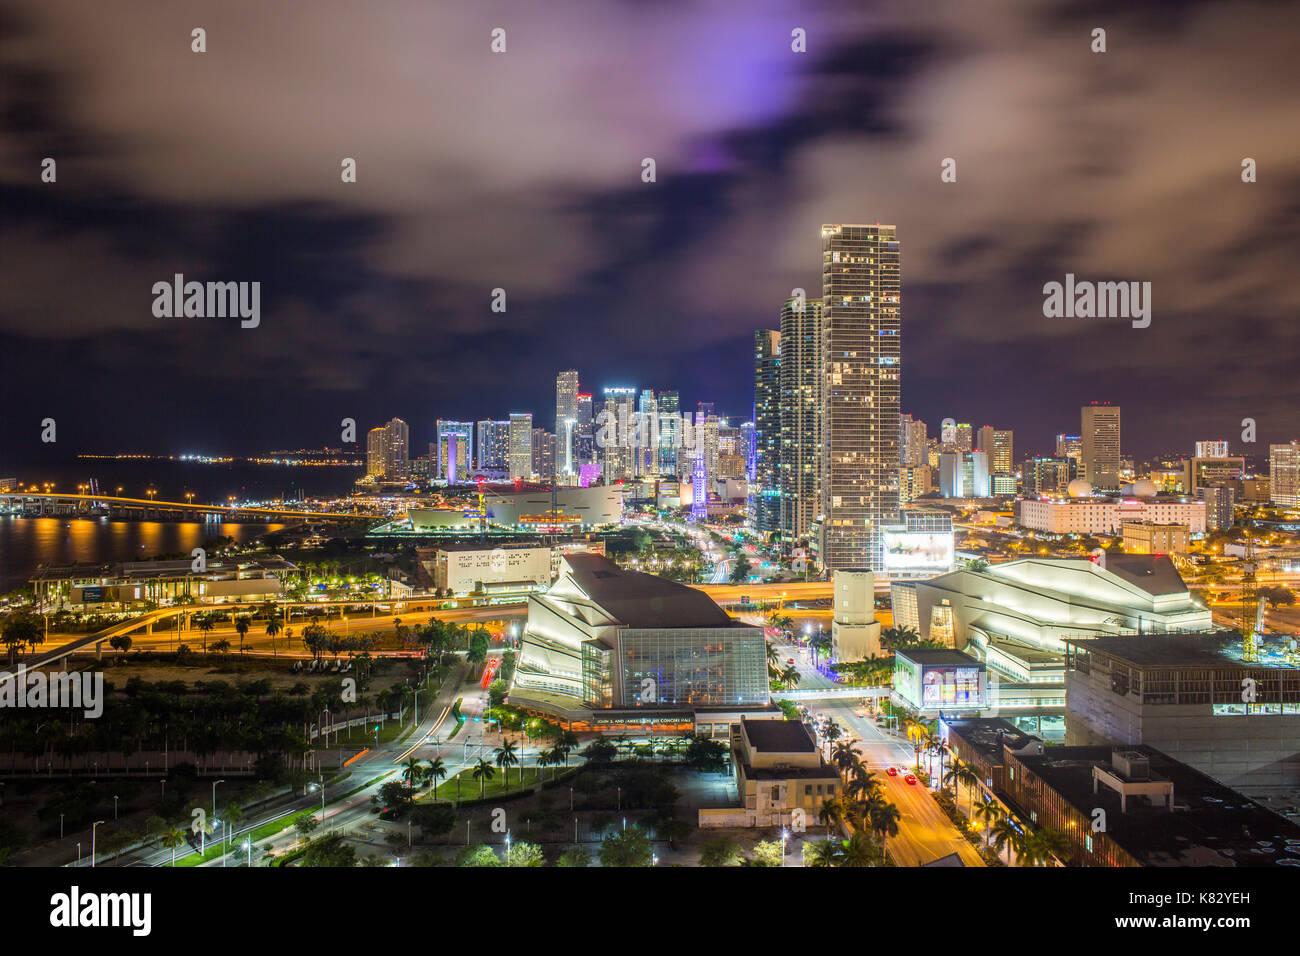 Ver elevados a lo largo de Biscayne Boulevard y del horizonte de Miami, Florida, USA. Imagen De Stock